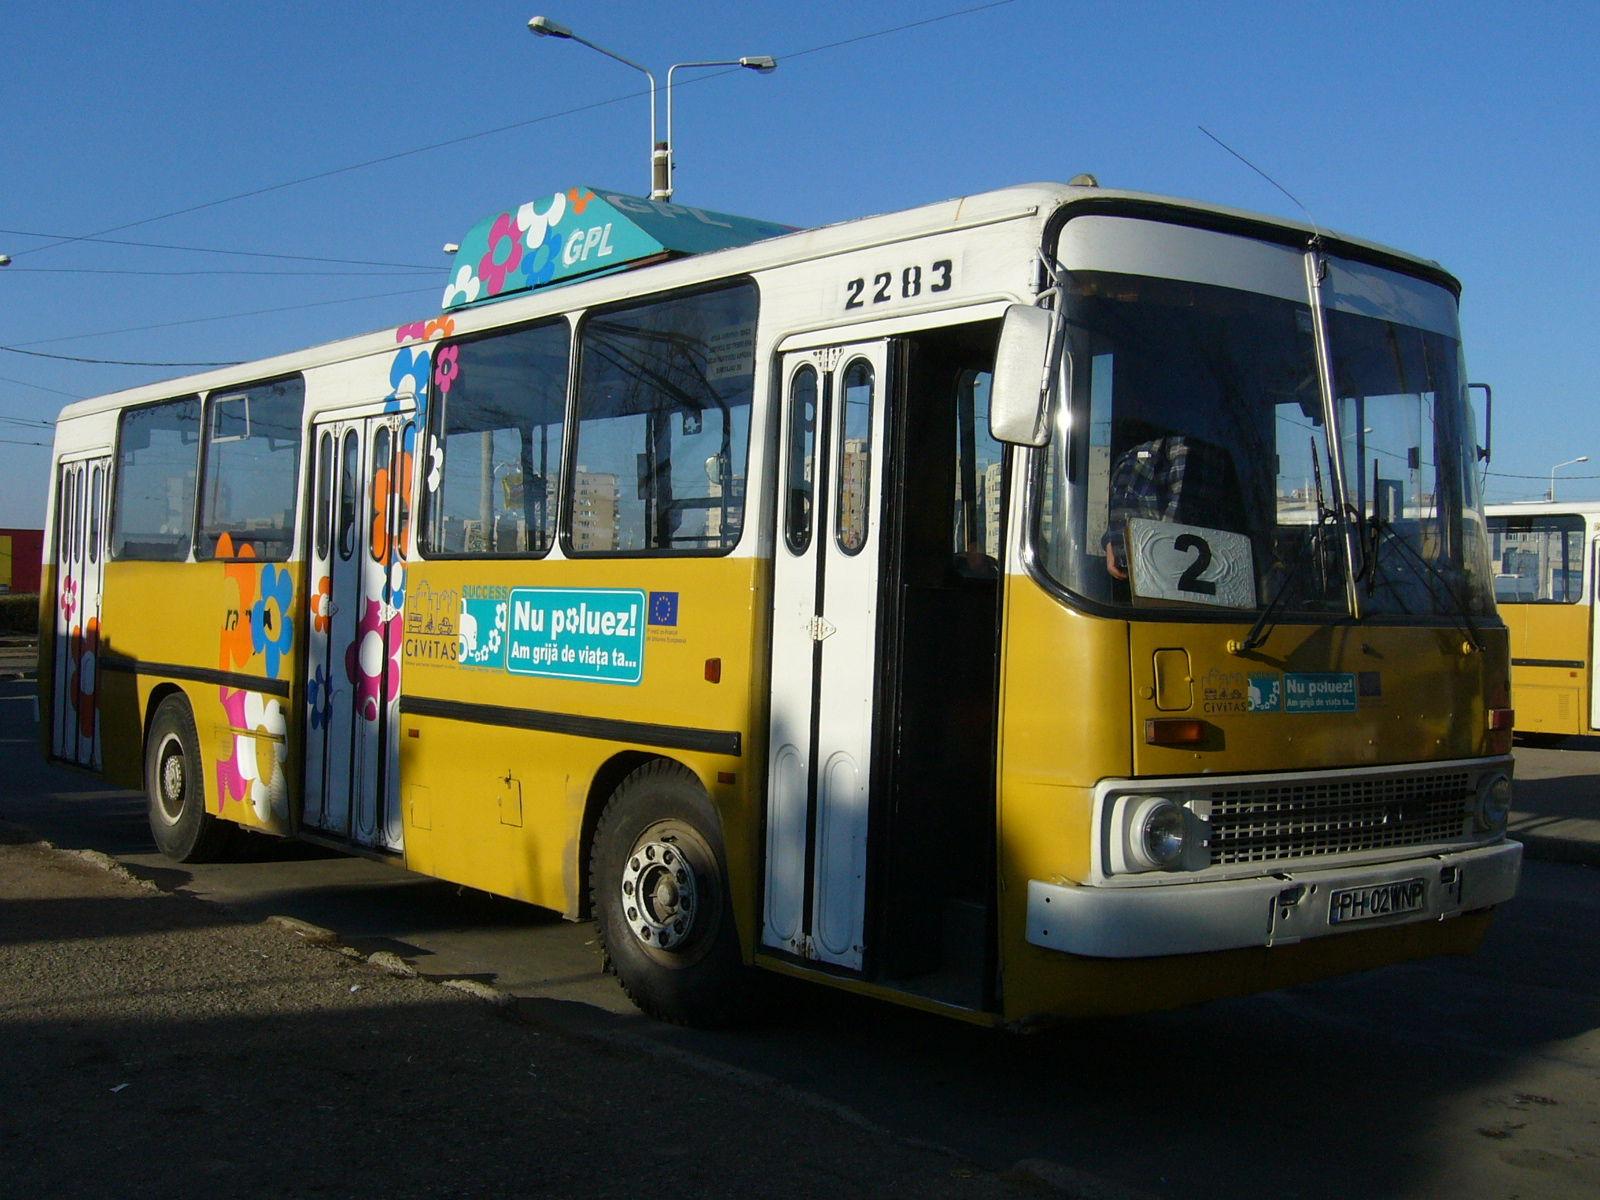 2283. Bus Ikarus on line 2